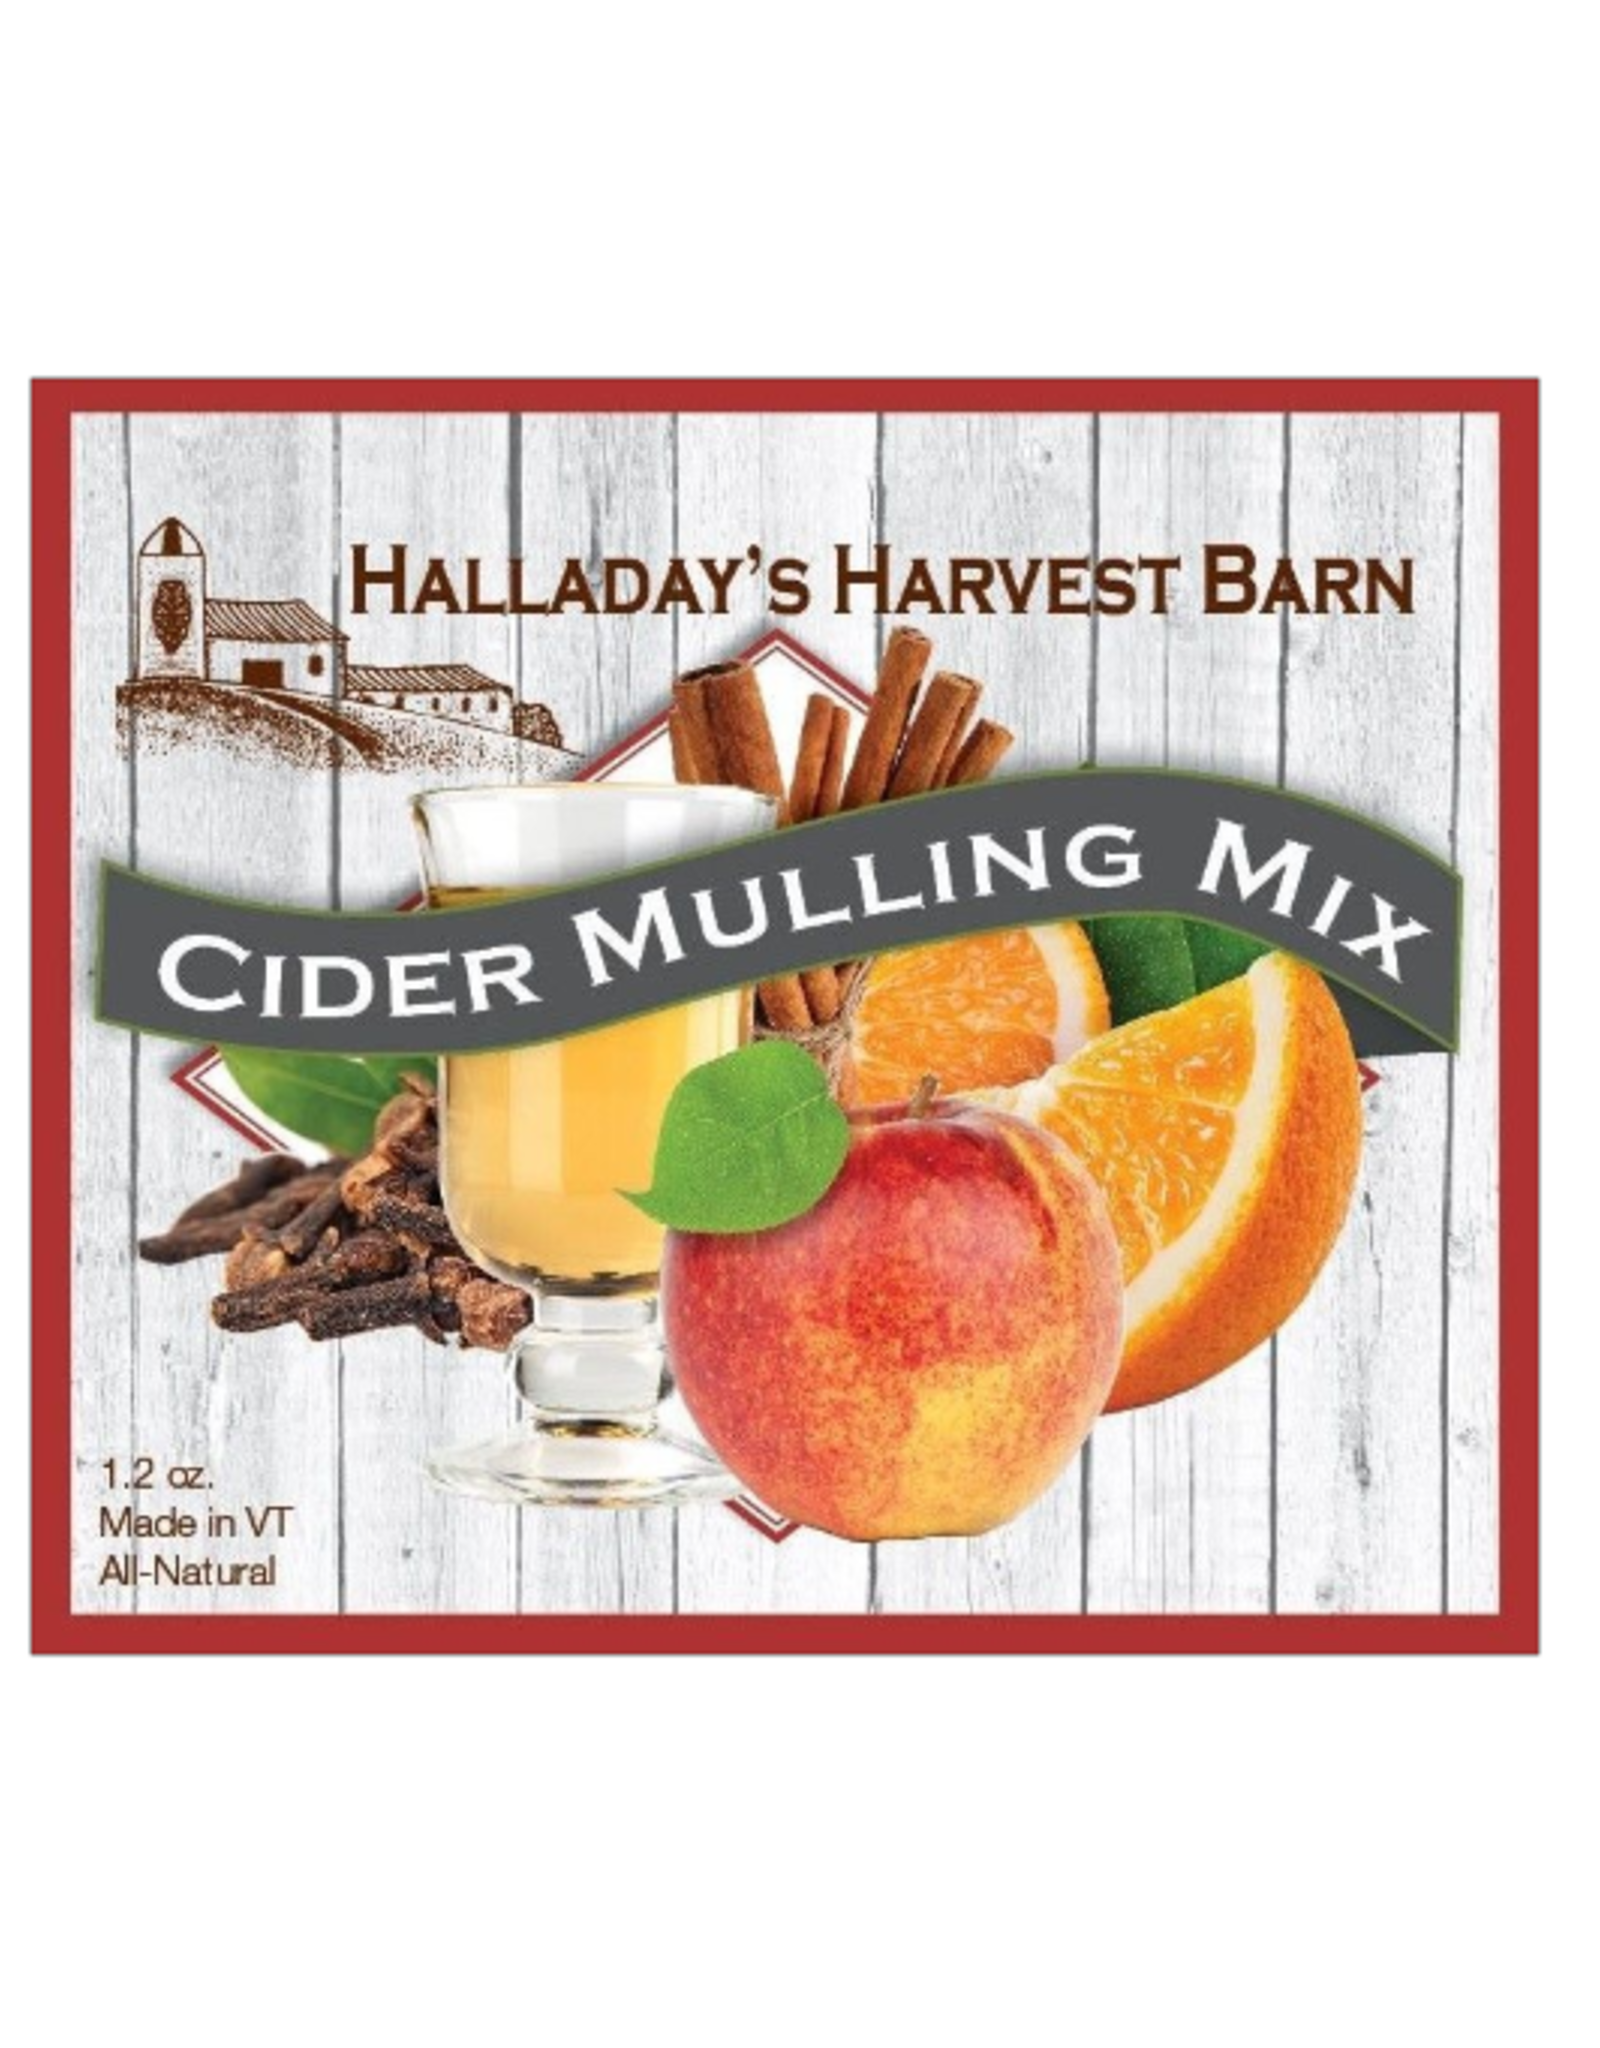 Halladay's Harvest Barn Cider Mulling Mix